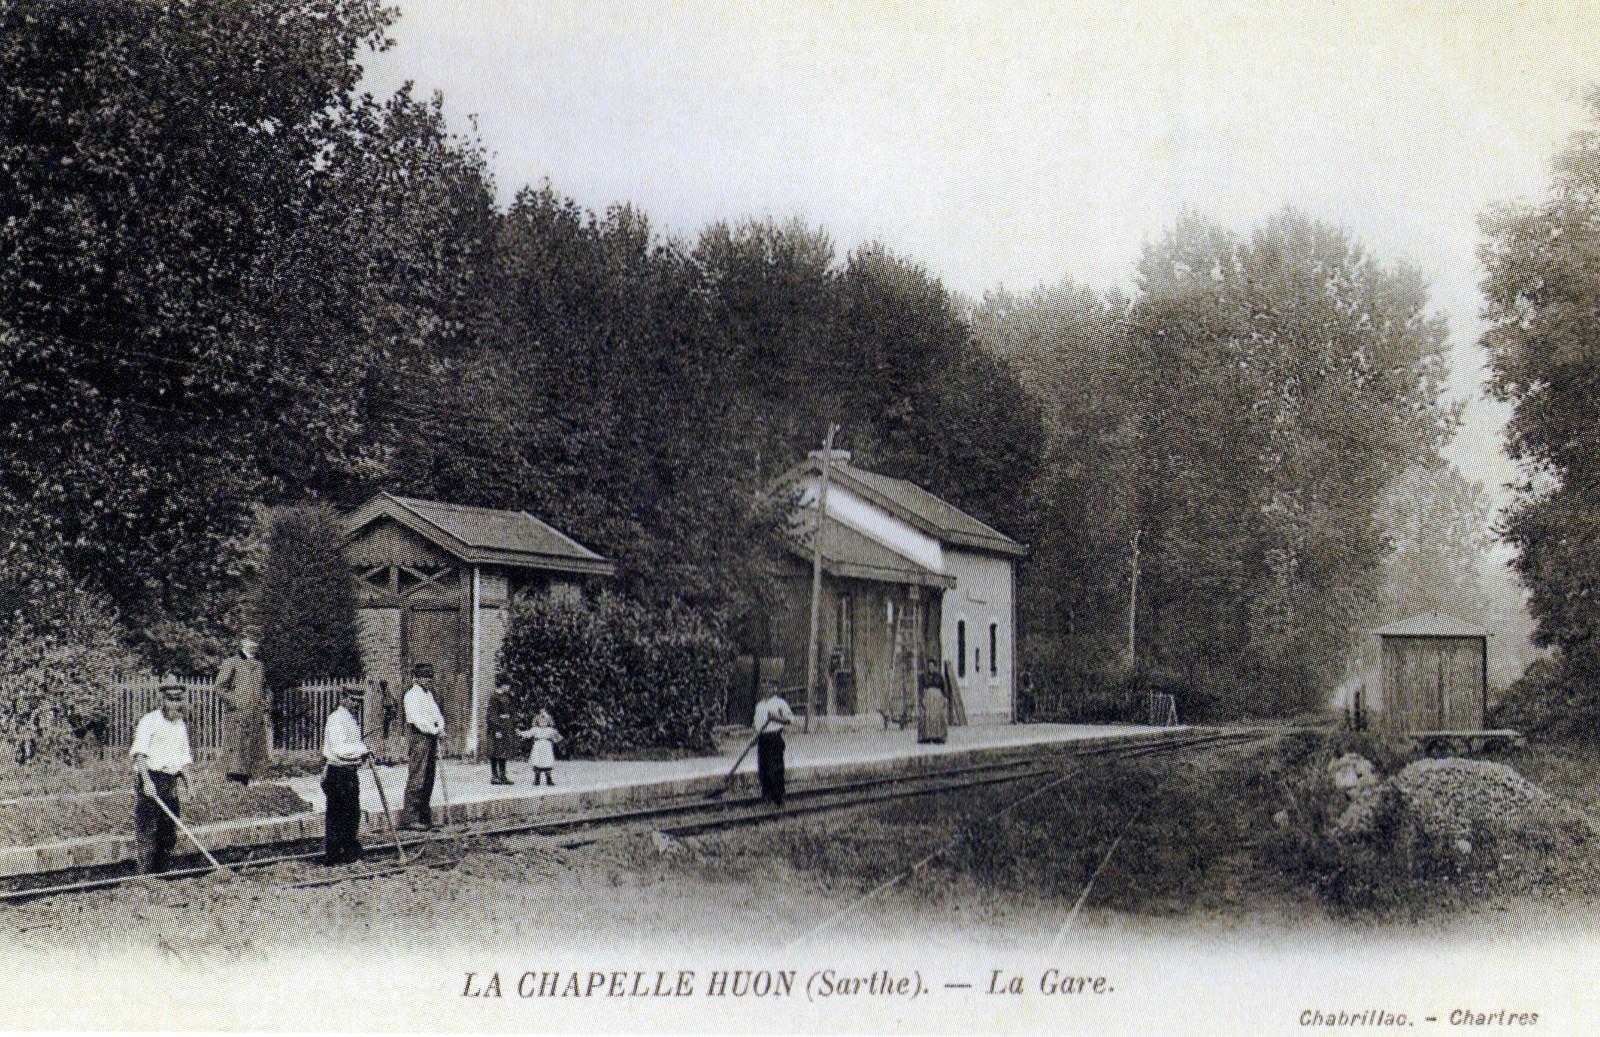 La Chapelle Huon - La Gare